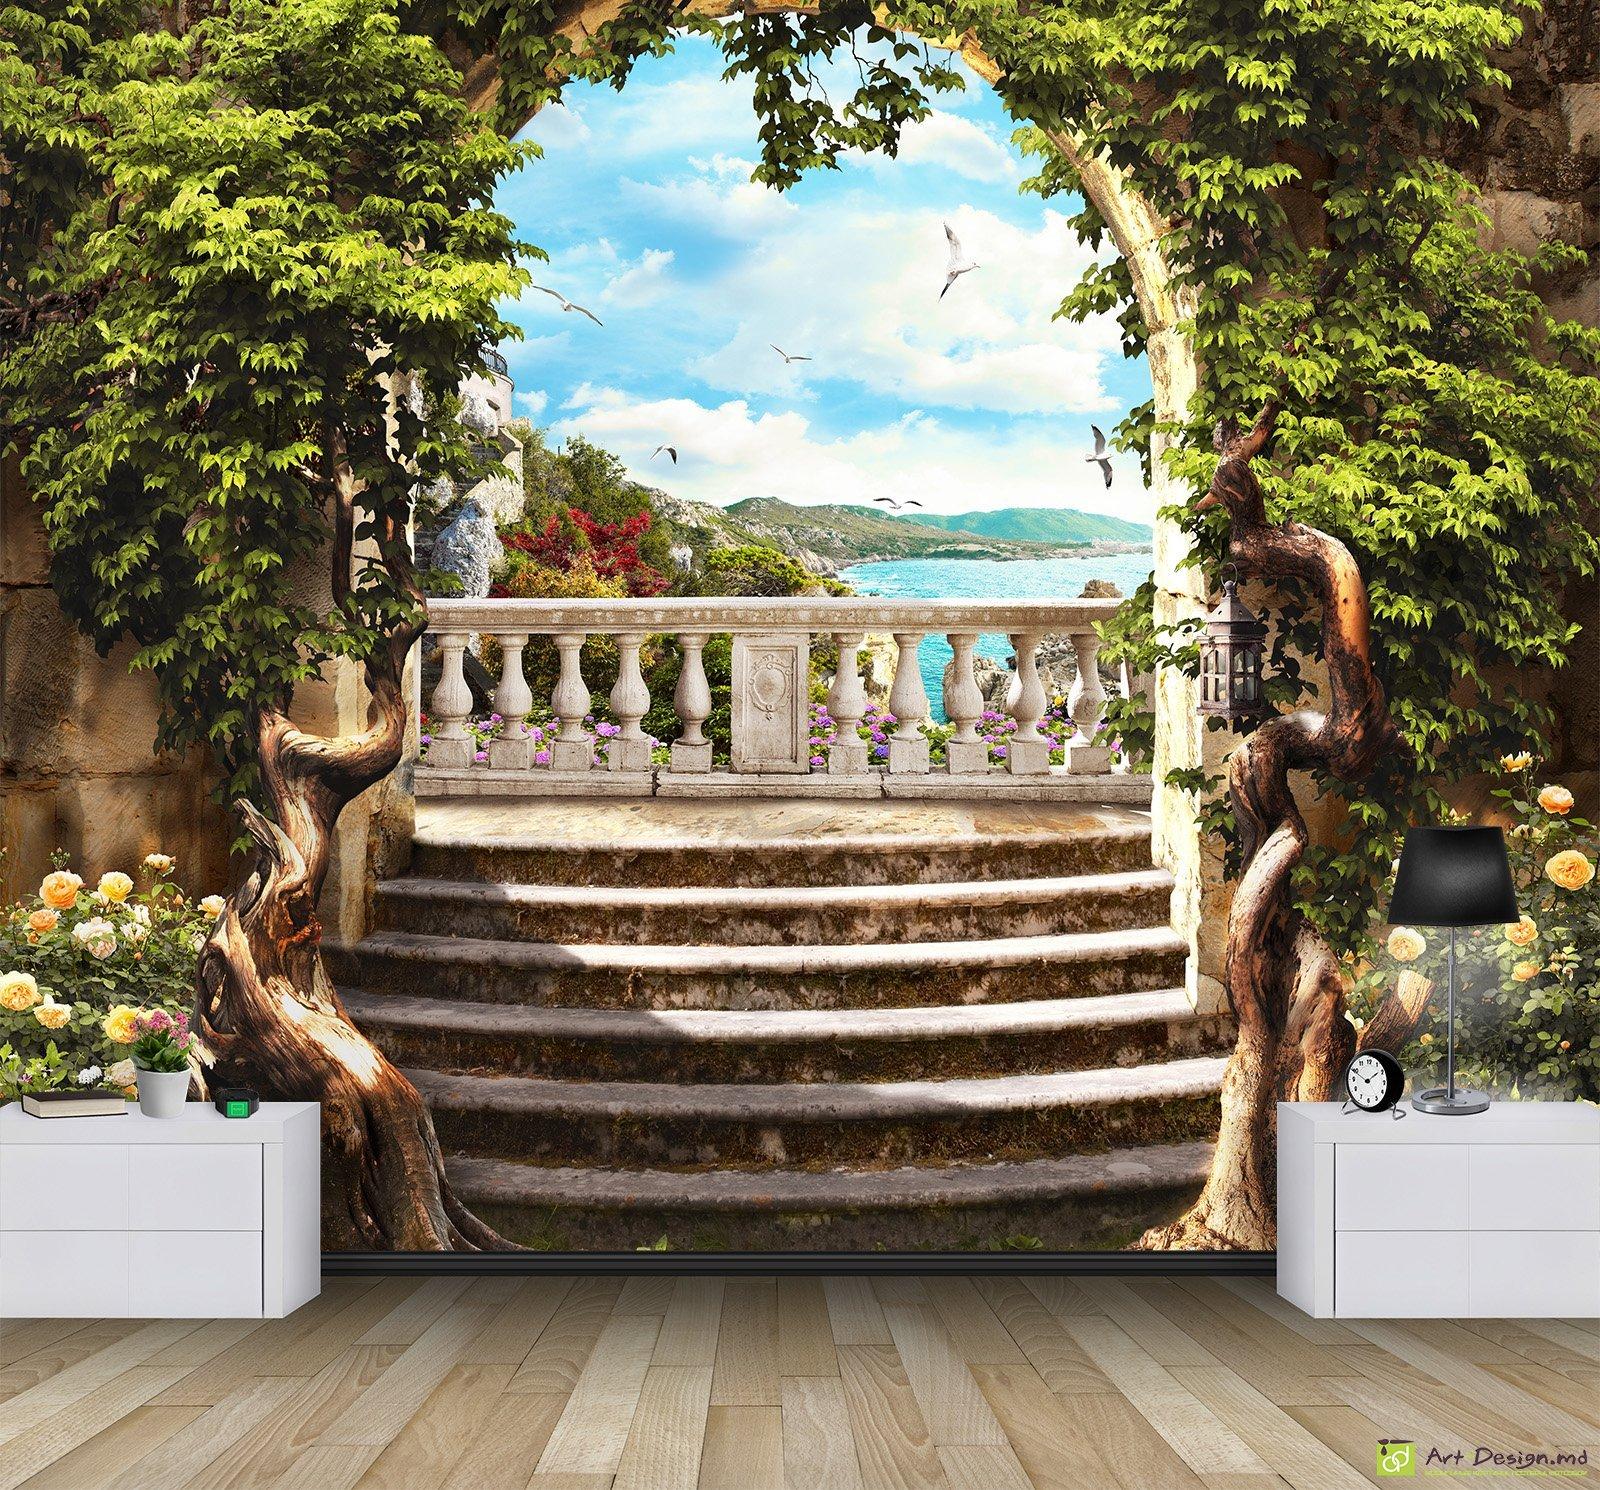 Купить фотообои арка с террасой с видом на море - арт. 32247.